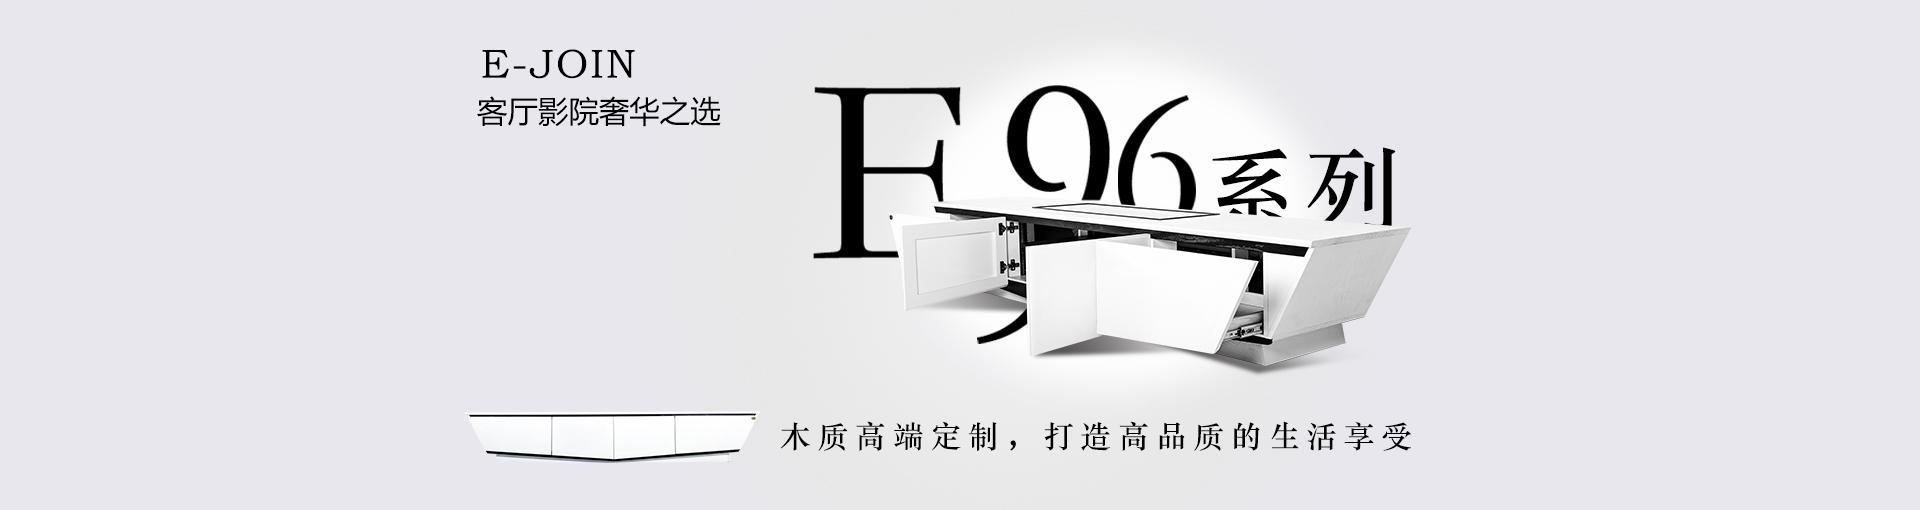 E-JOIN猛犸激光电视柜 奢华工艺极简系列激光电视柜猛犸机柜 猛犸激光电视柜E96